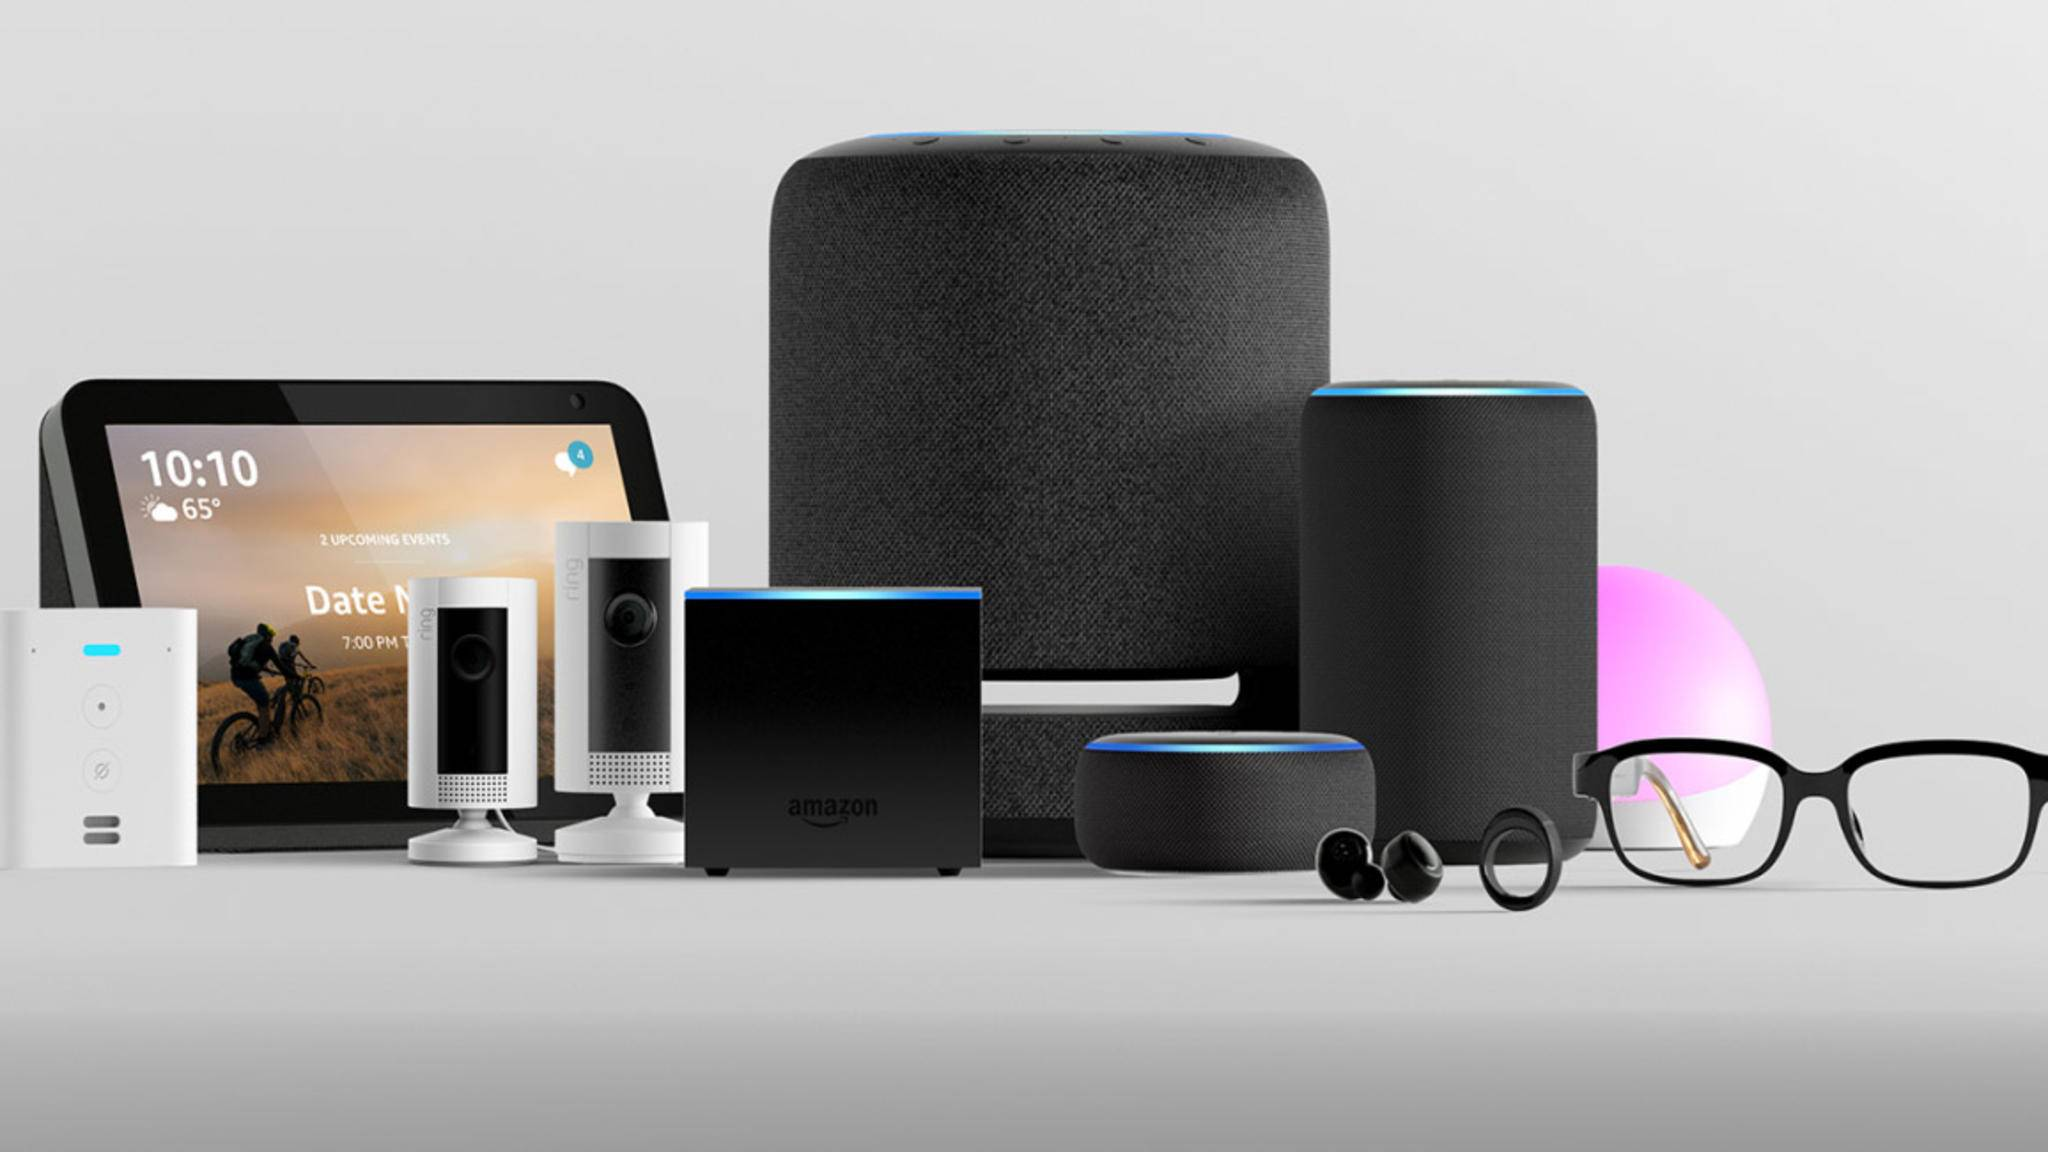 Die Amazon-Echo-Familie wird immer größer.